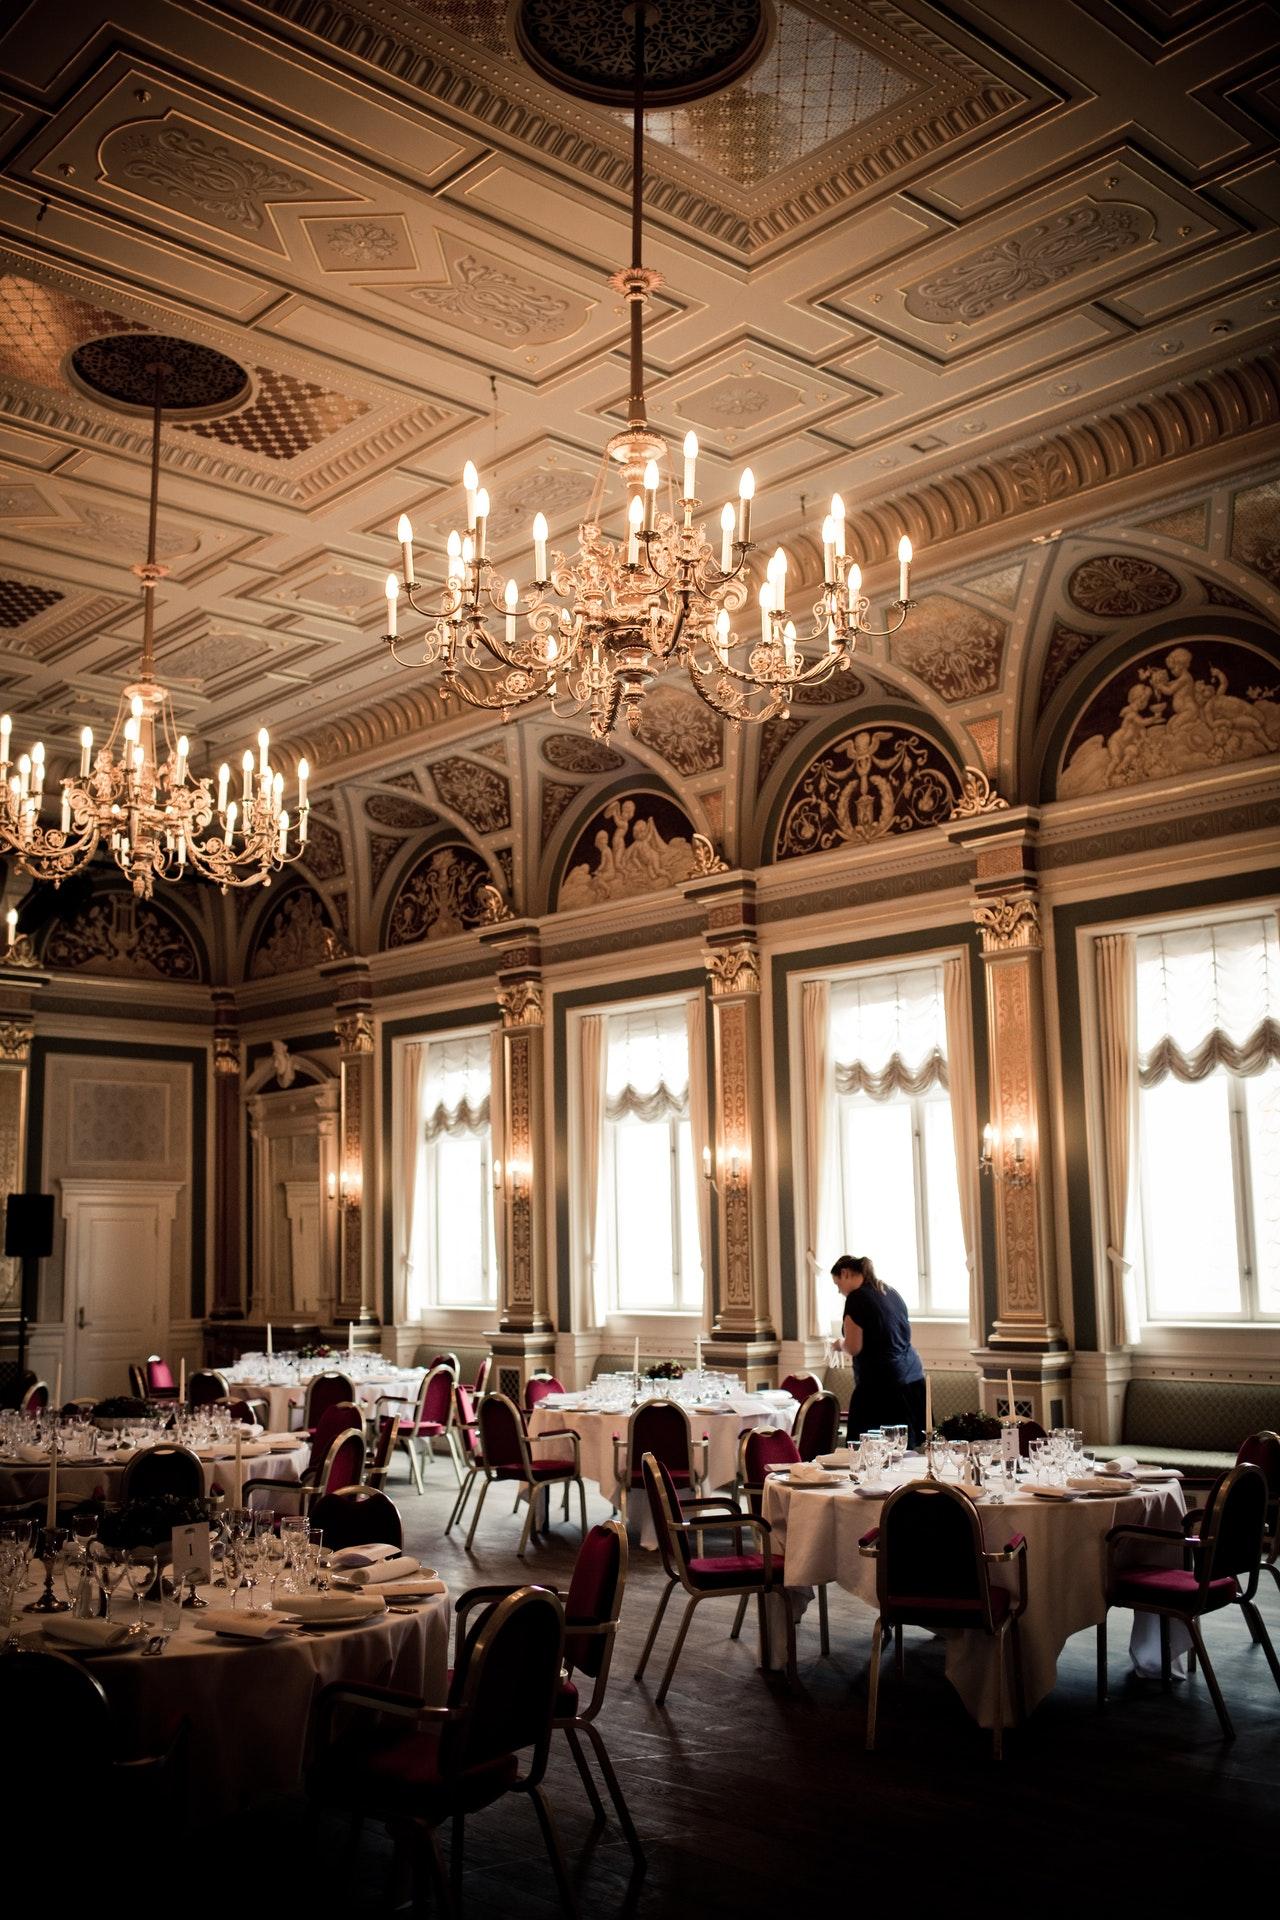 interior-of-a-classic-restaurant-2504911